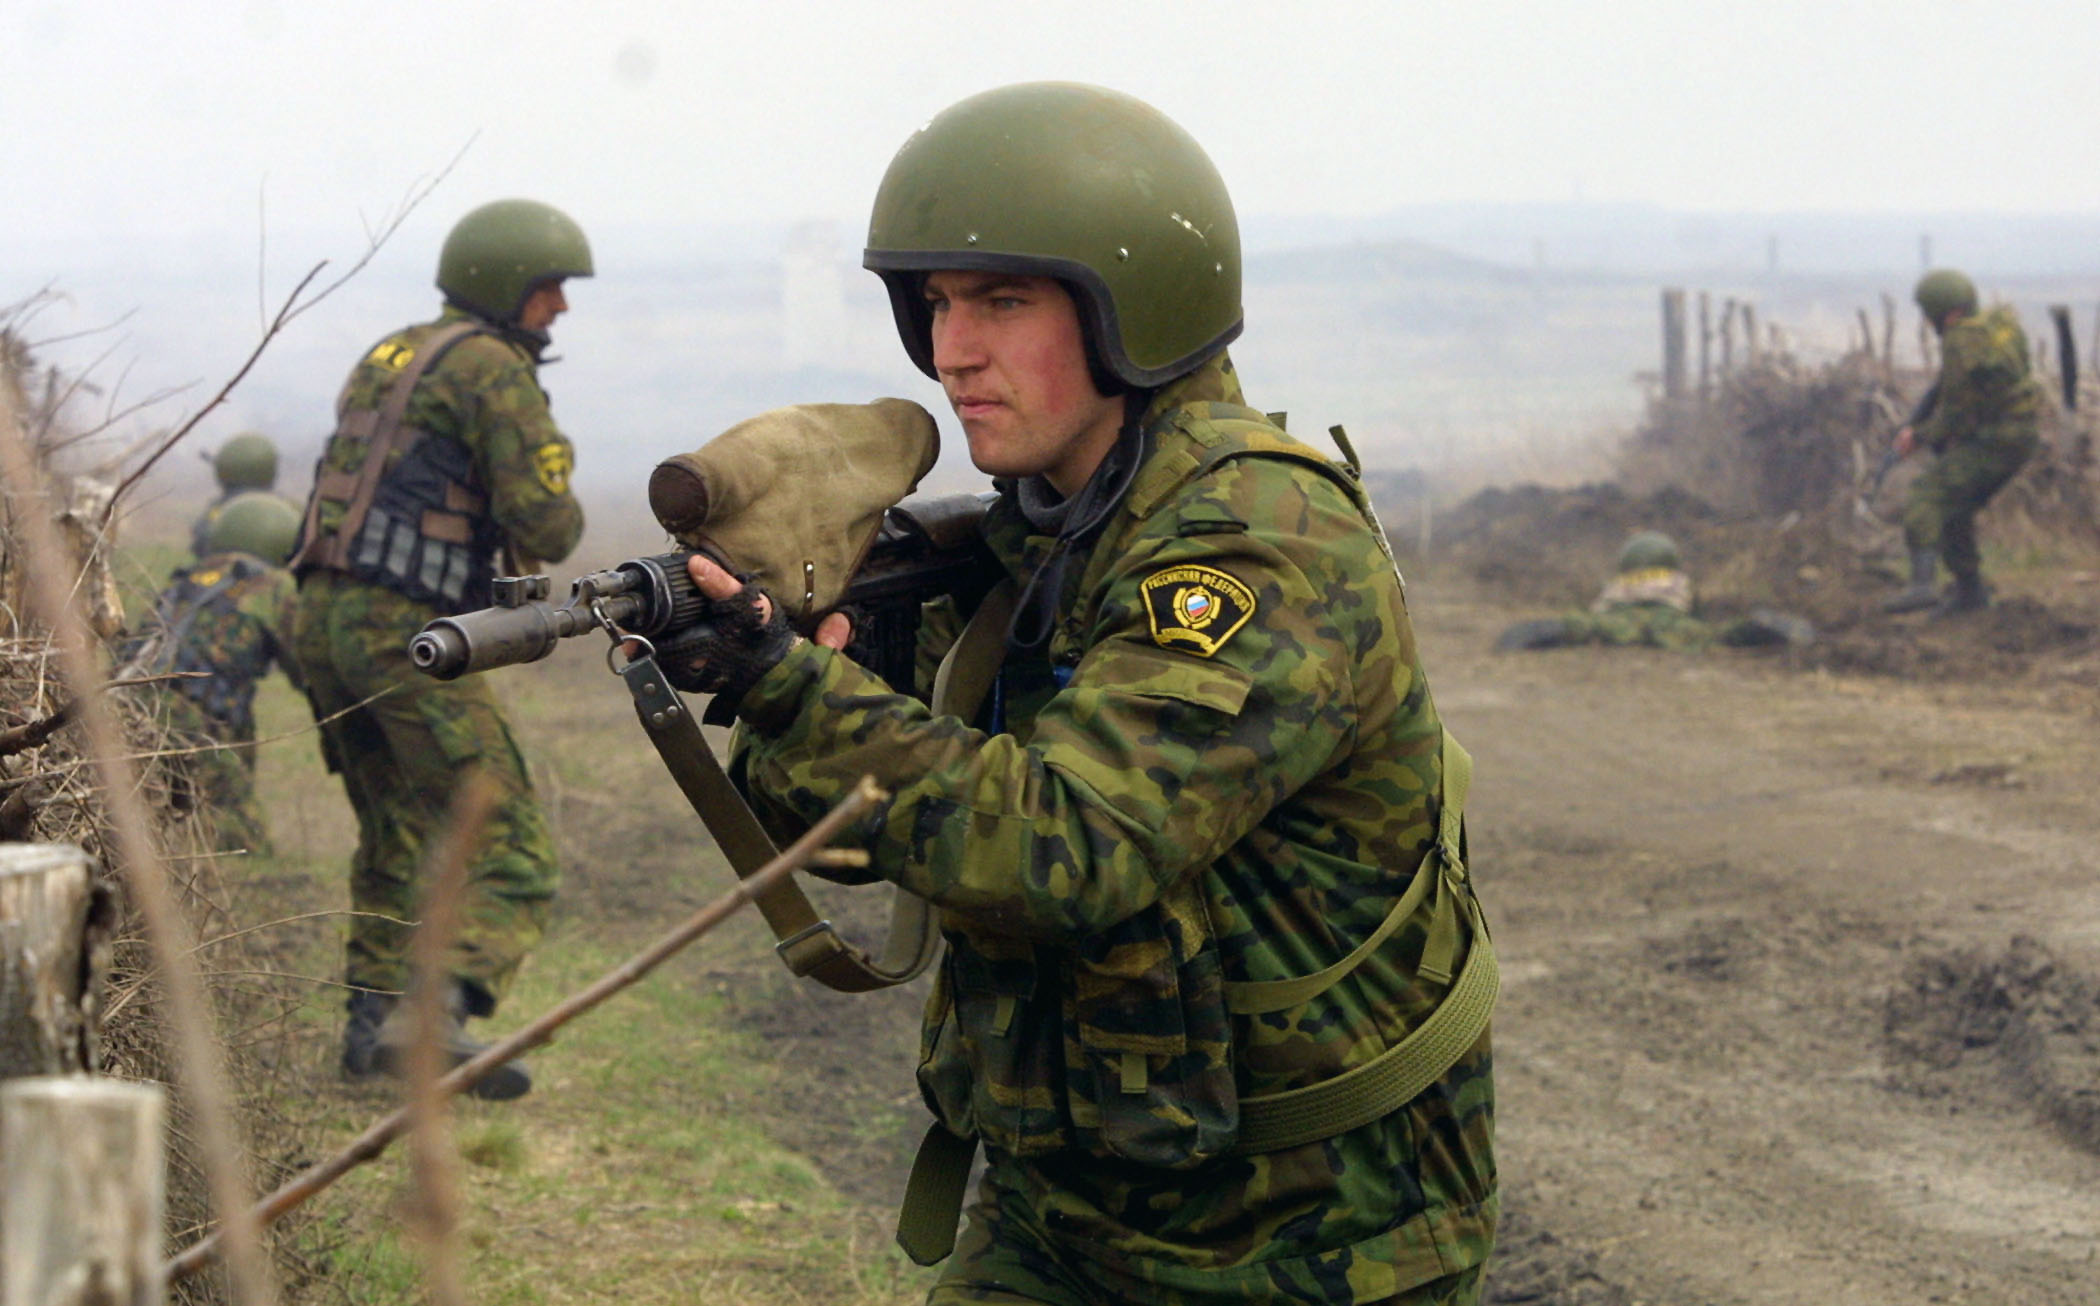 Métodos linha-dura resultaram no aumento da brutalidade no Cáucaso Foto: Váleri Matitsin/TASS